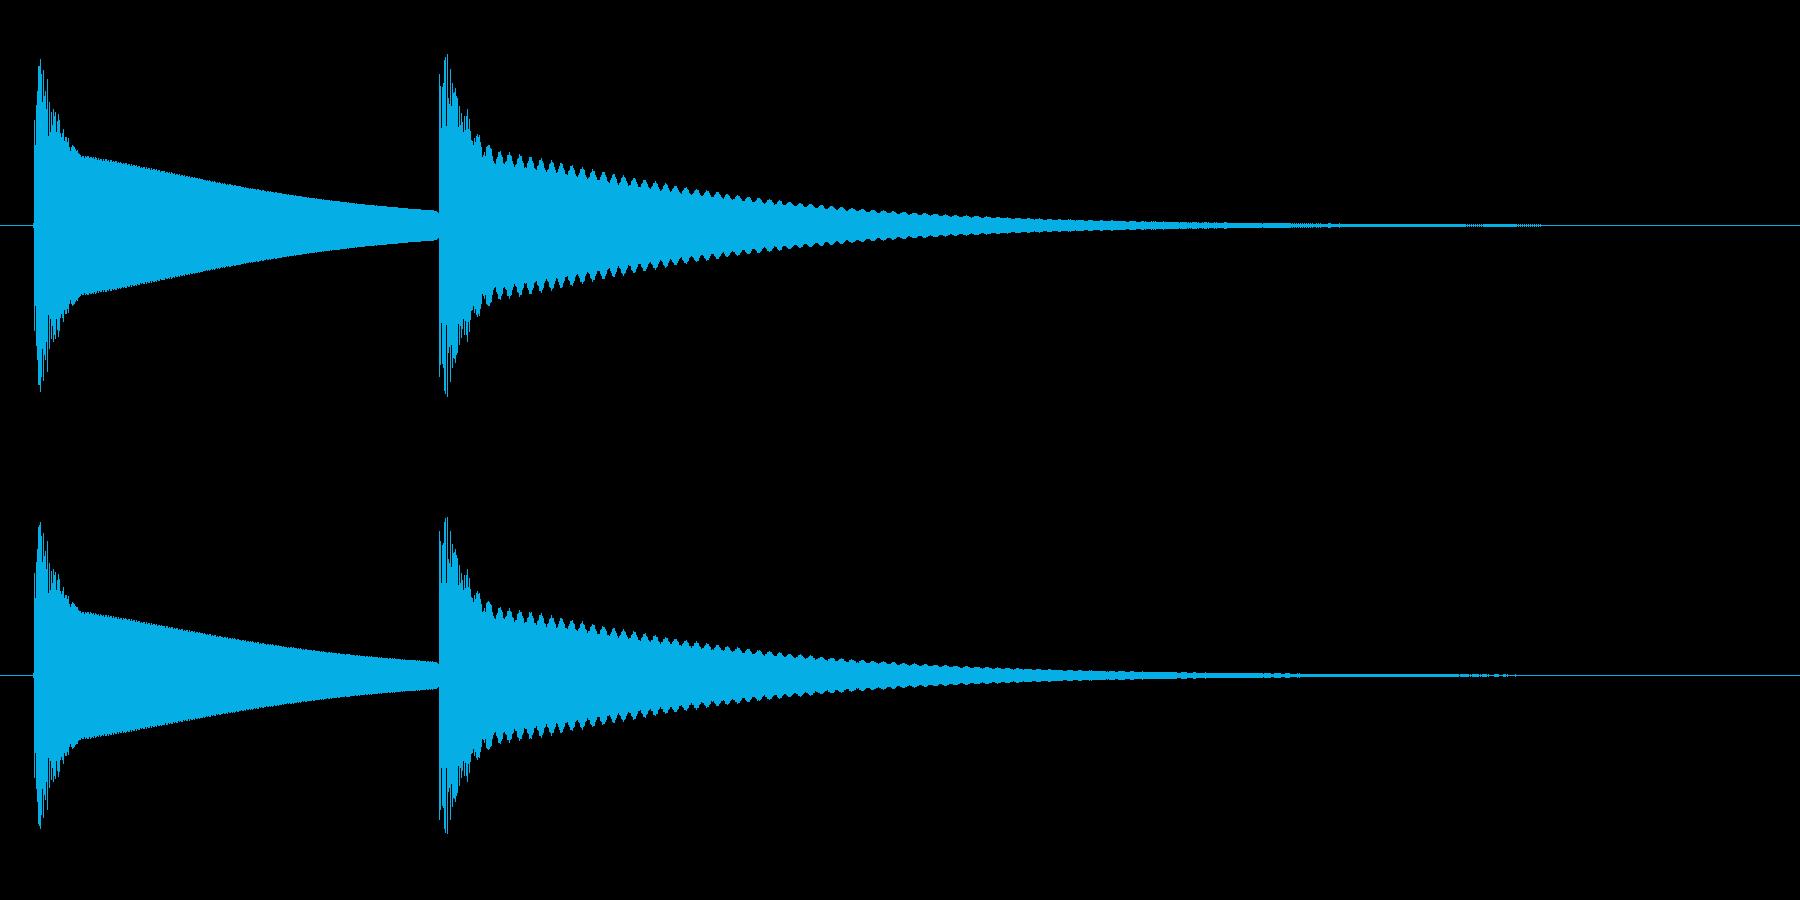 ピンポン(やや丸みのある高音の金属音)の再生済みの波形